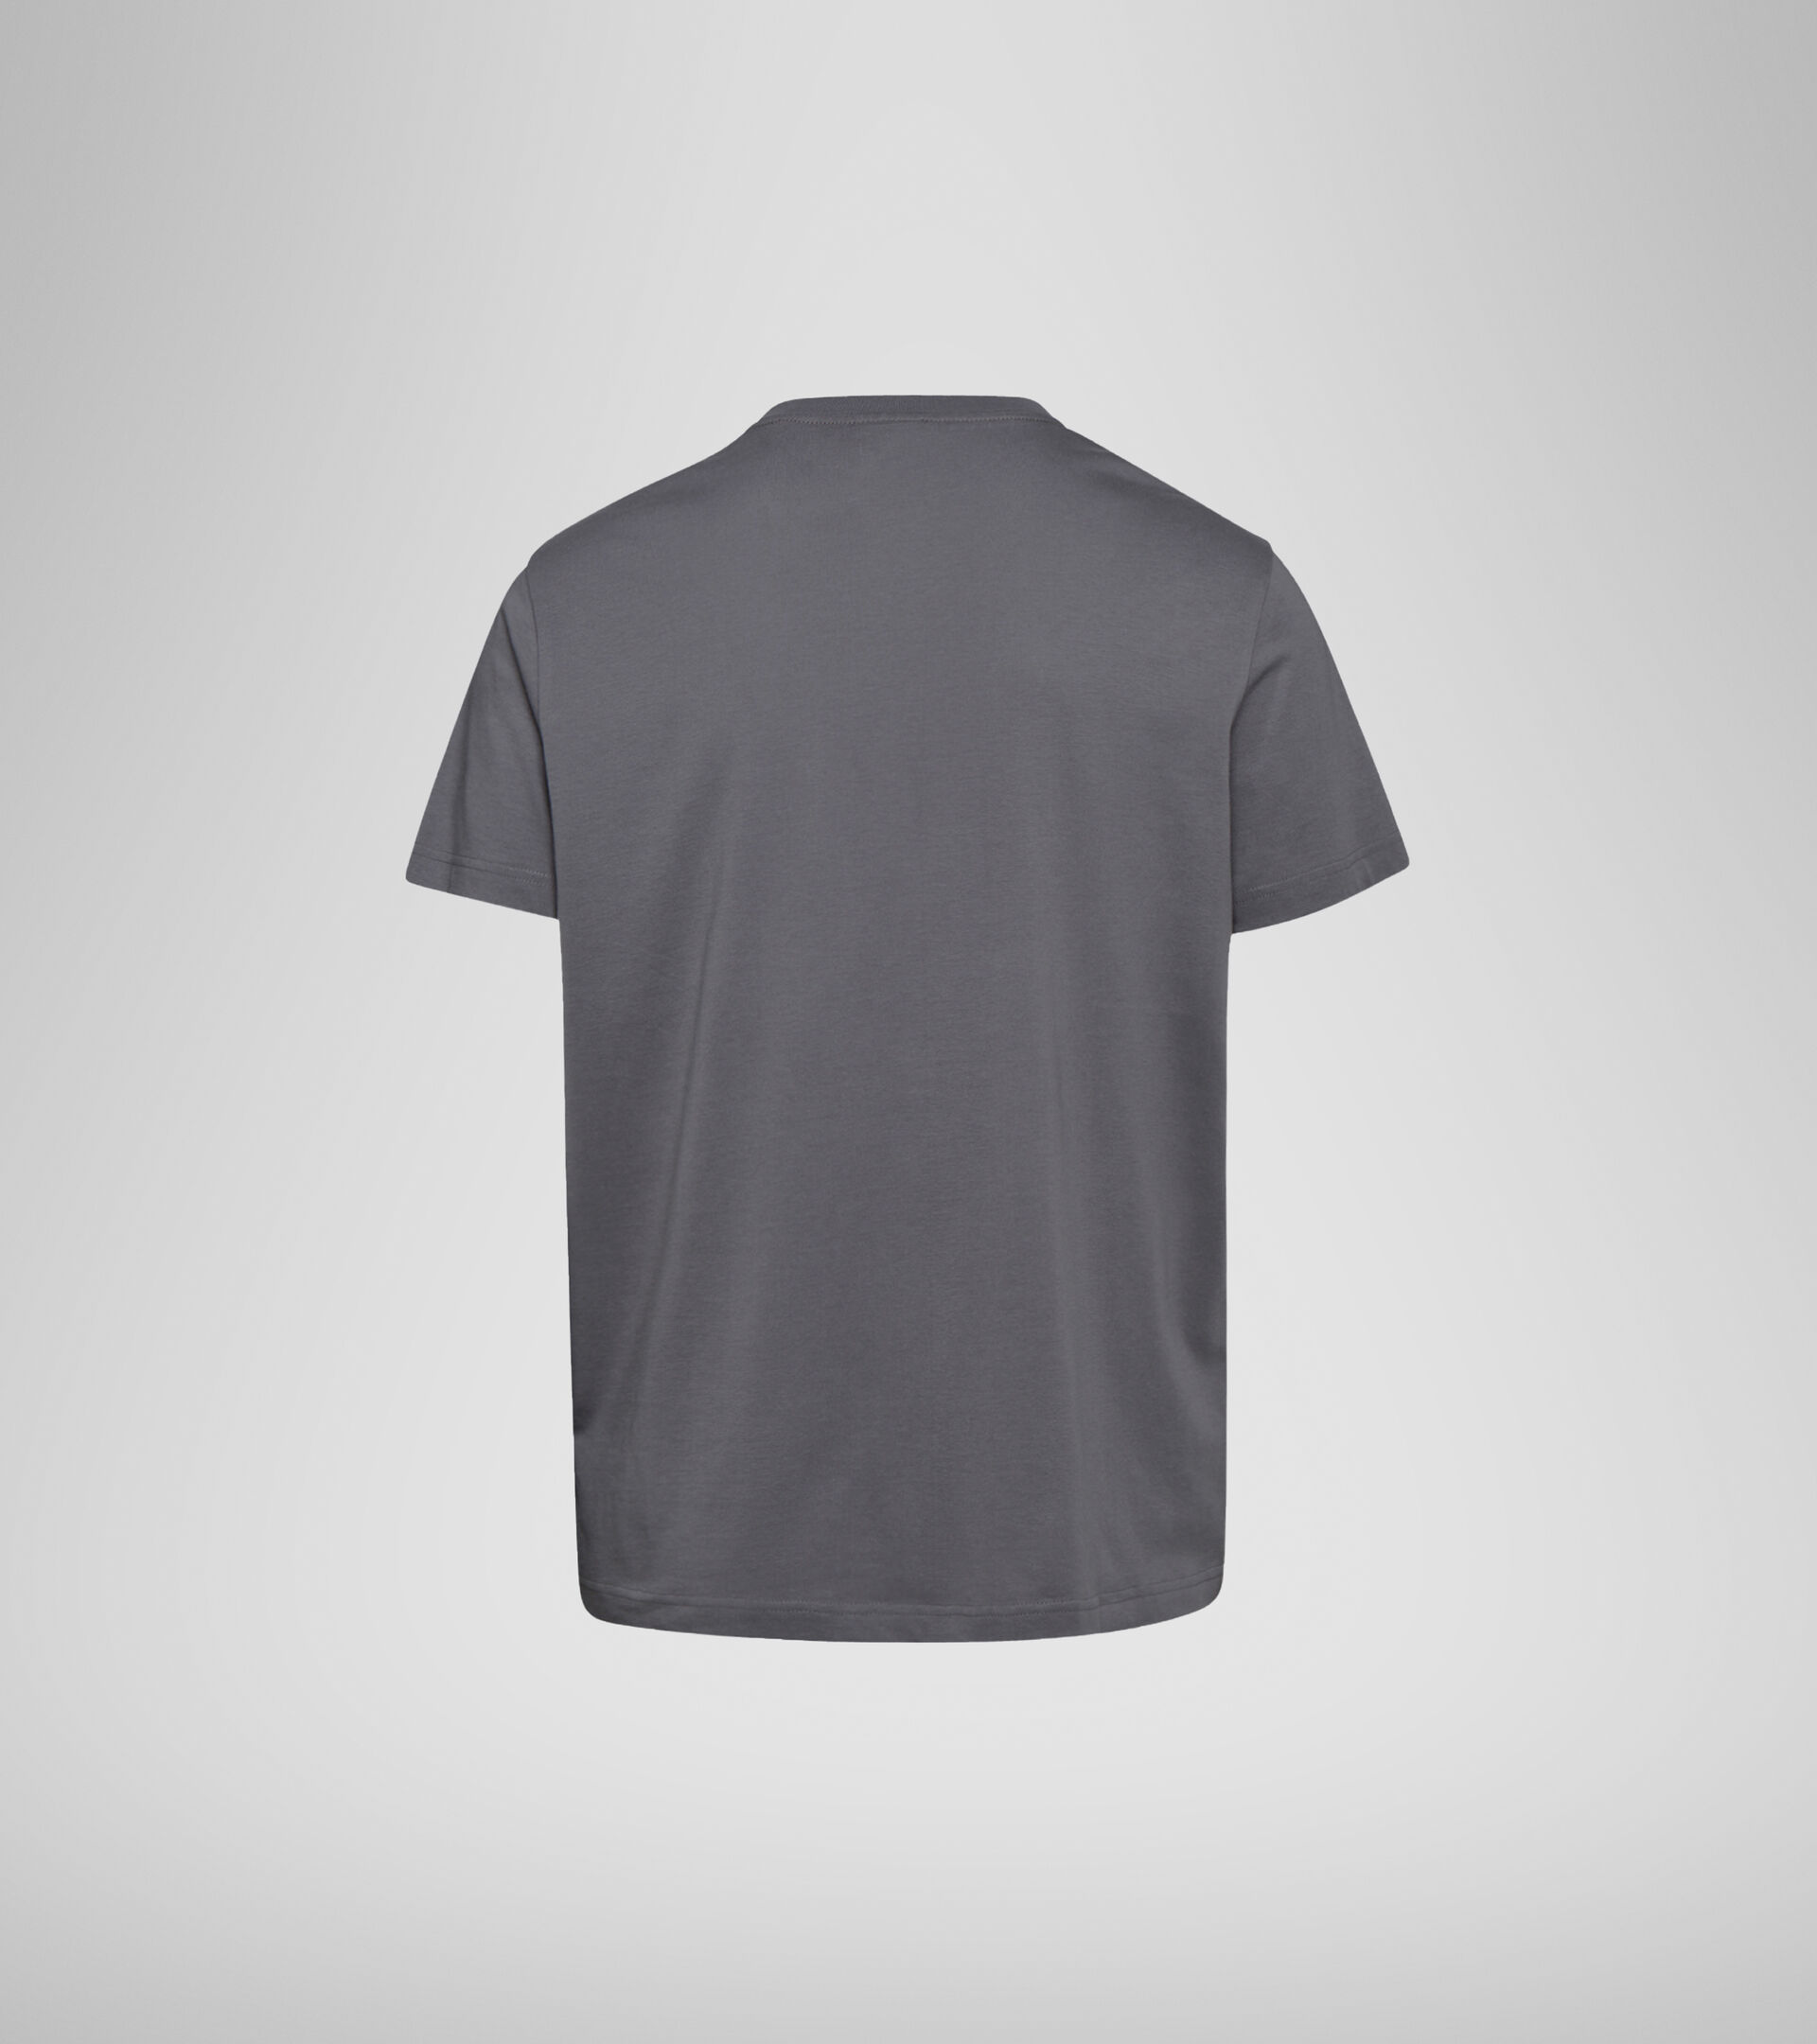 Camiseta - Hombre T-SHIRT SS FREGIO CLUB GRIS CARBON - Diadora